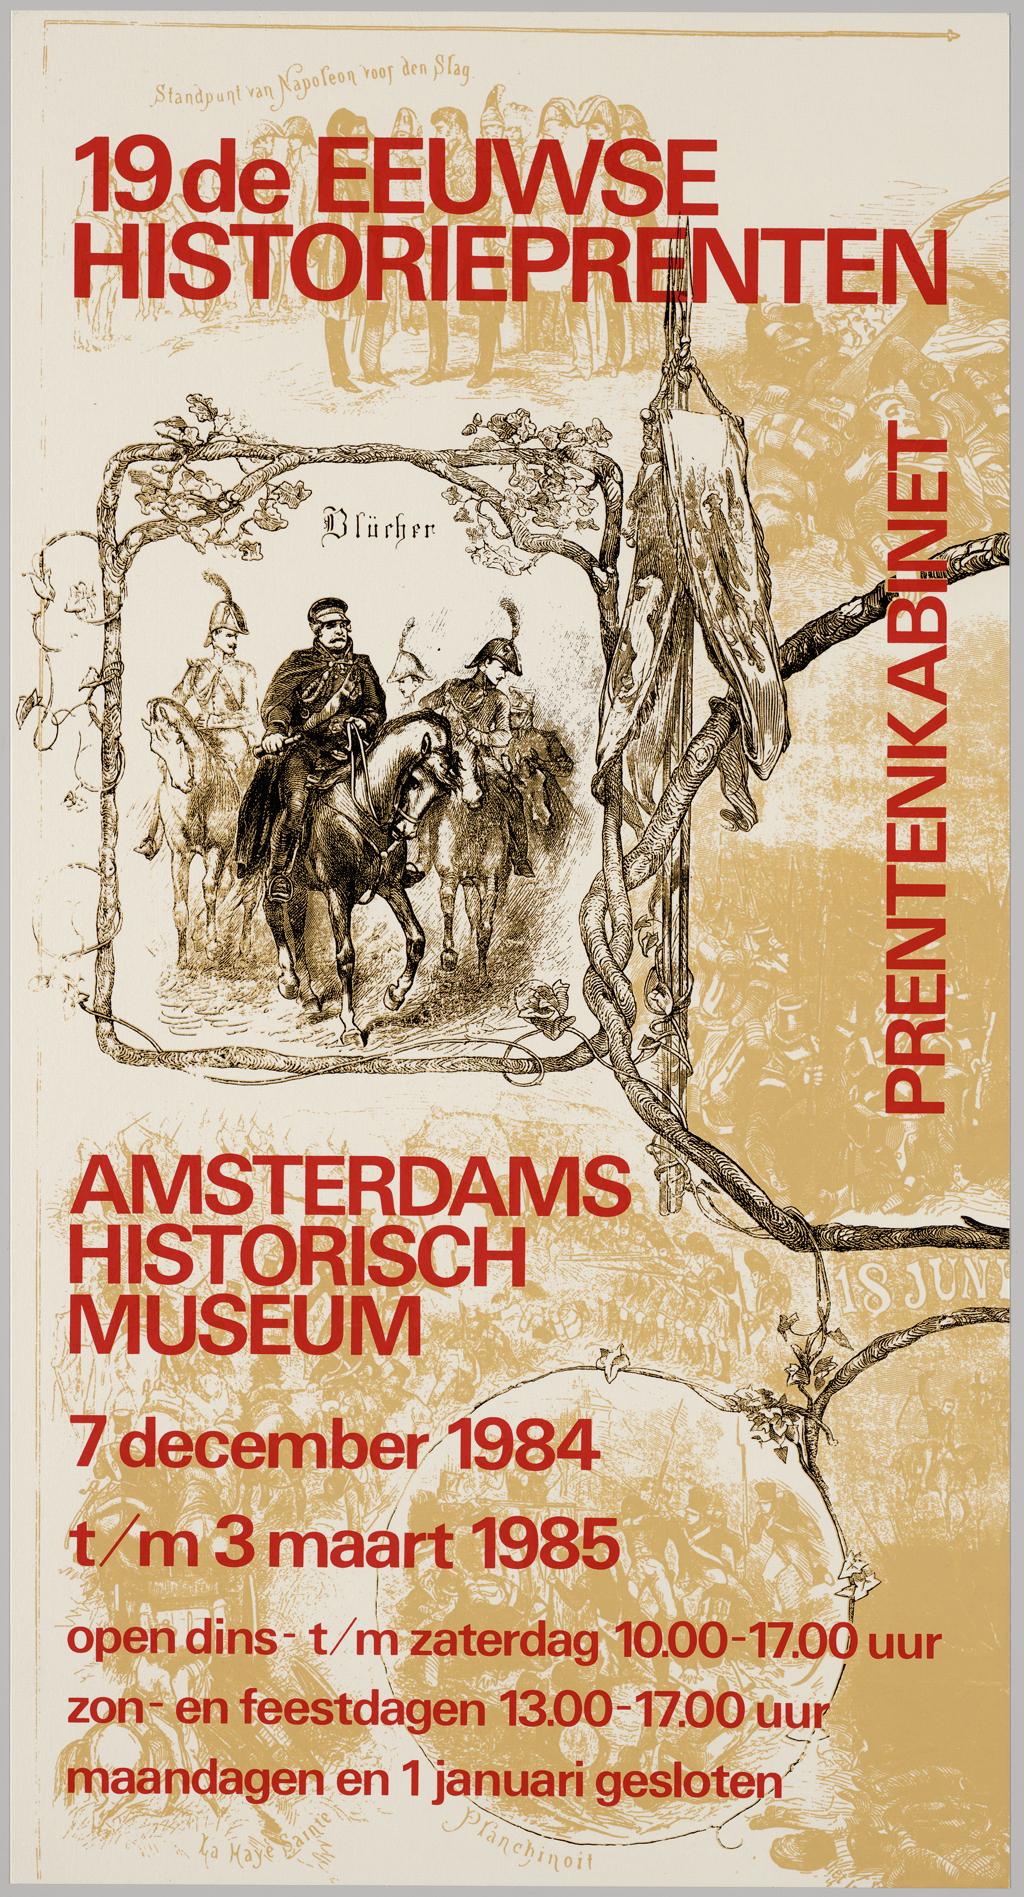 1984-1985, affiche voor tentoonstelling 19de eeuwse historieprenten